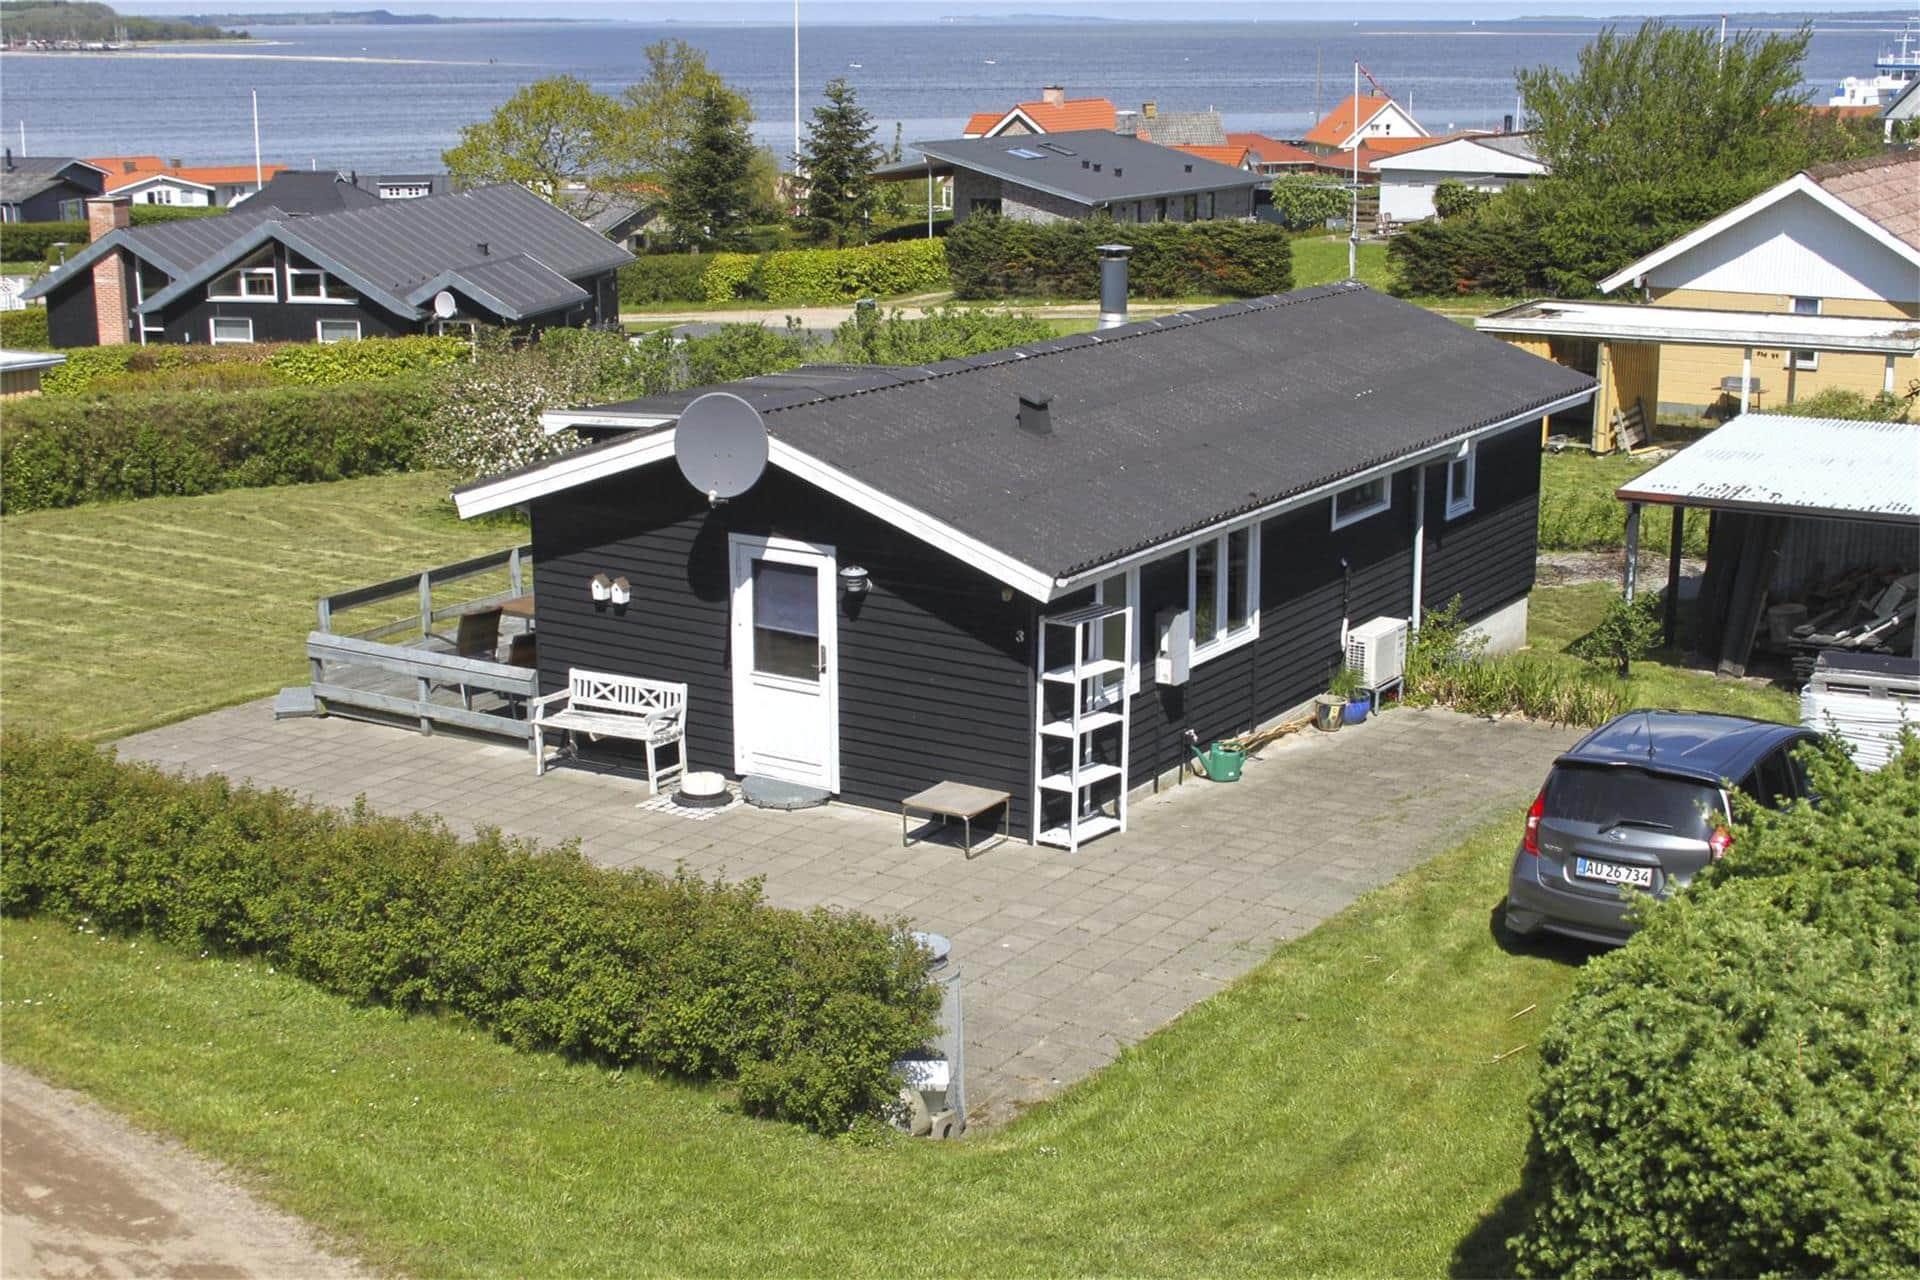 Bilde 1-3 Feirehus L15106, Rønnevej 3, DK - 9640 Farsø